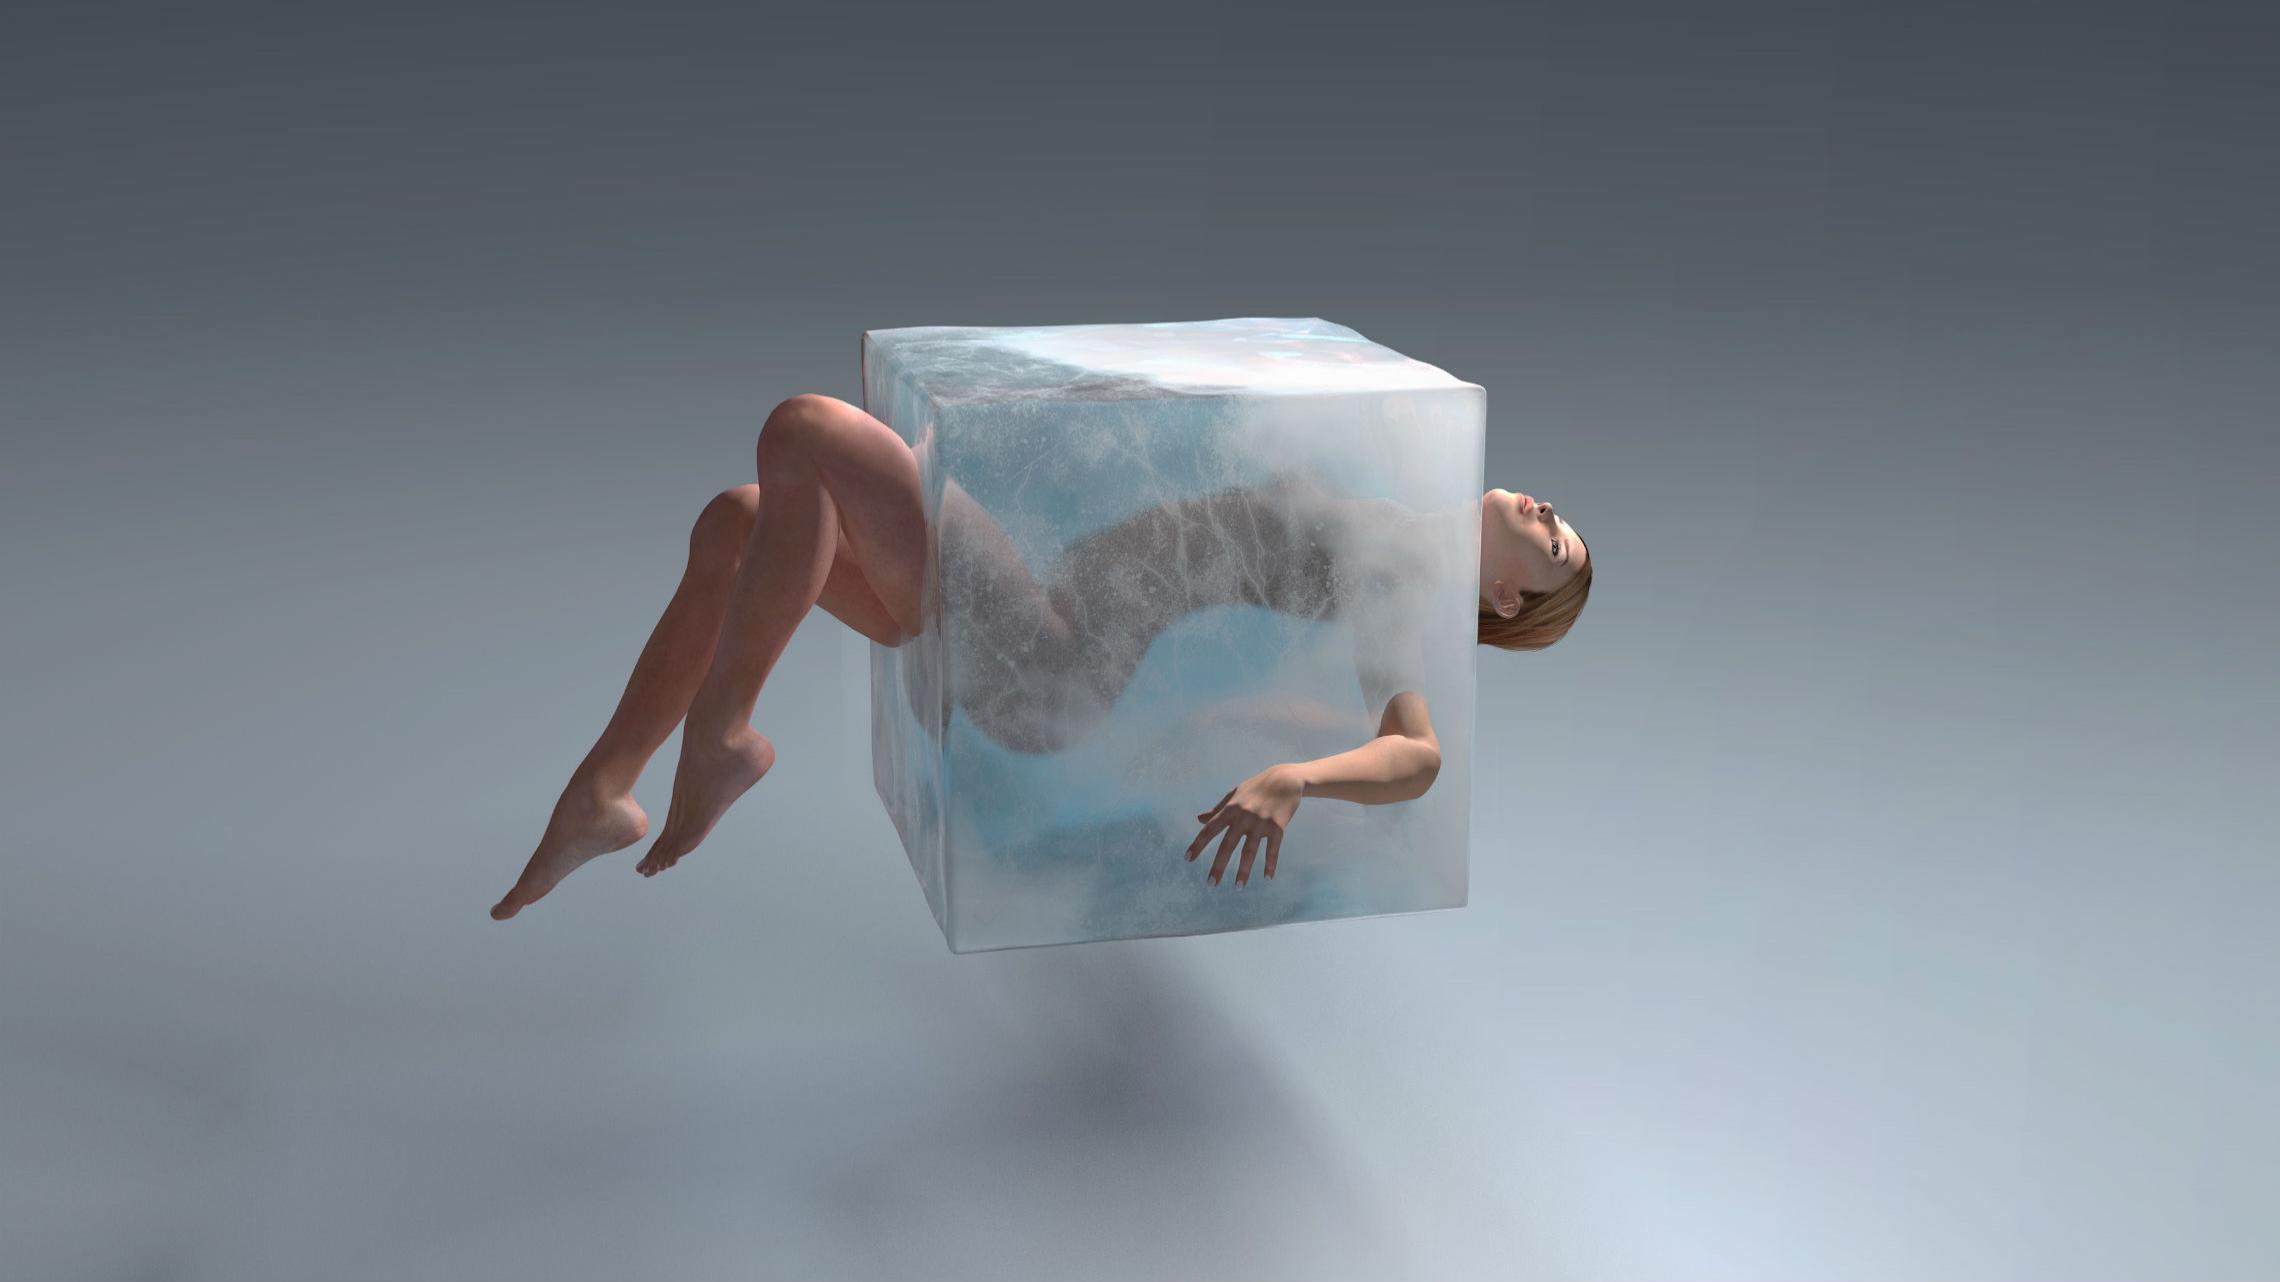 سرما درمانی، یک ایده تجاری جدید و منحصر به فرد